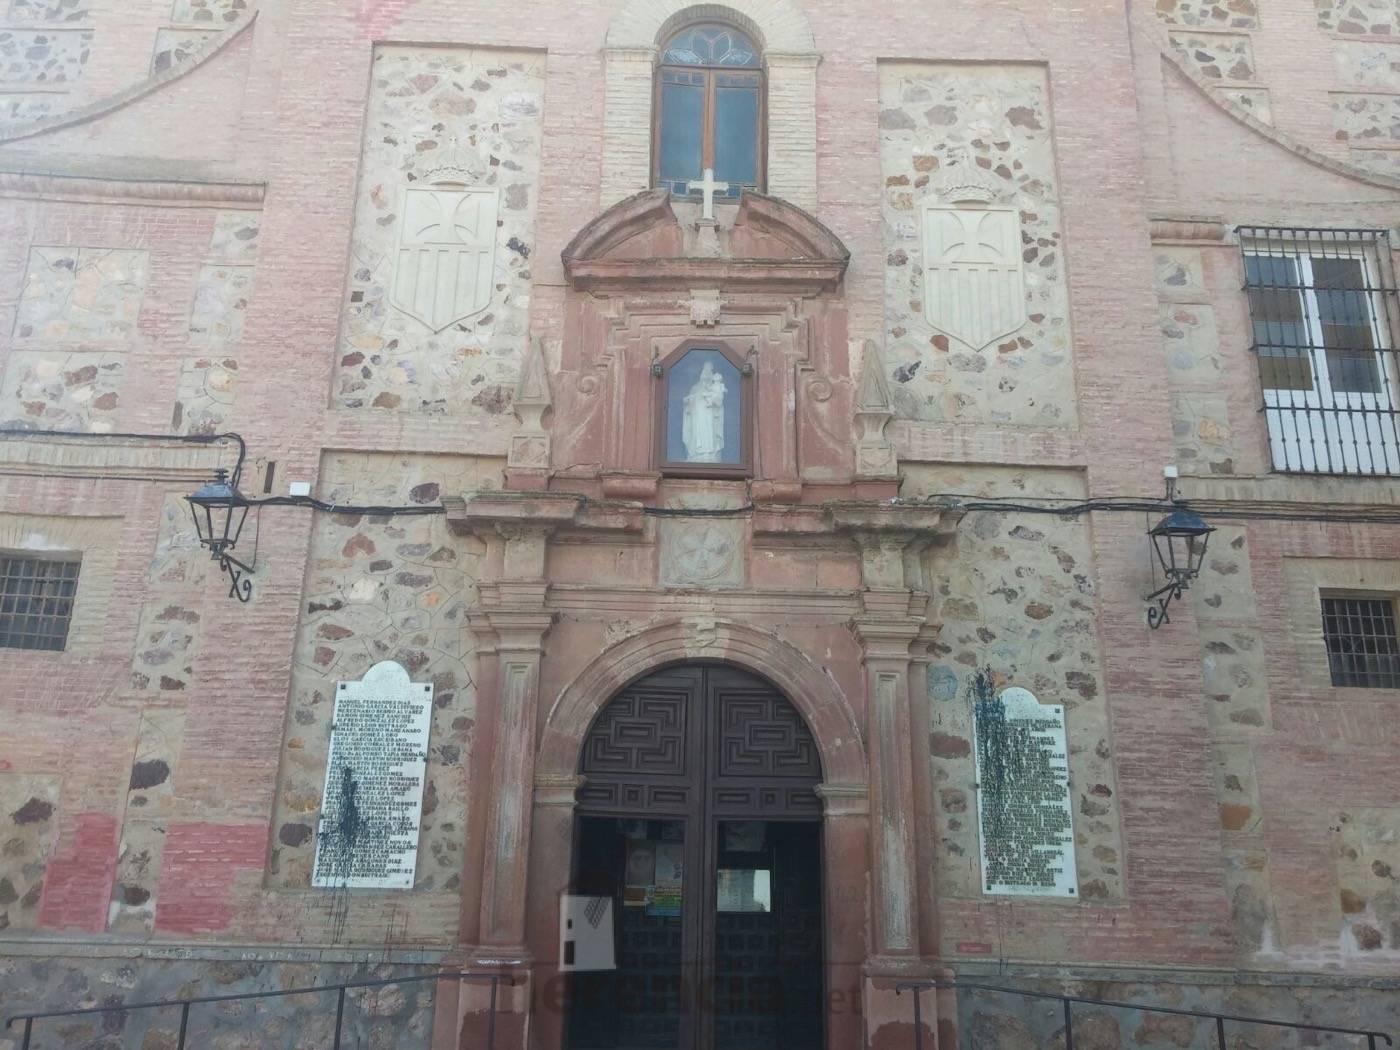 El Ayuntamiento acudirá al Tribunal Superior de Justicia para resolver el contencioso de las placas del Convento de la Merced 3